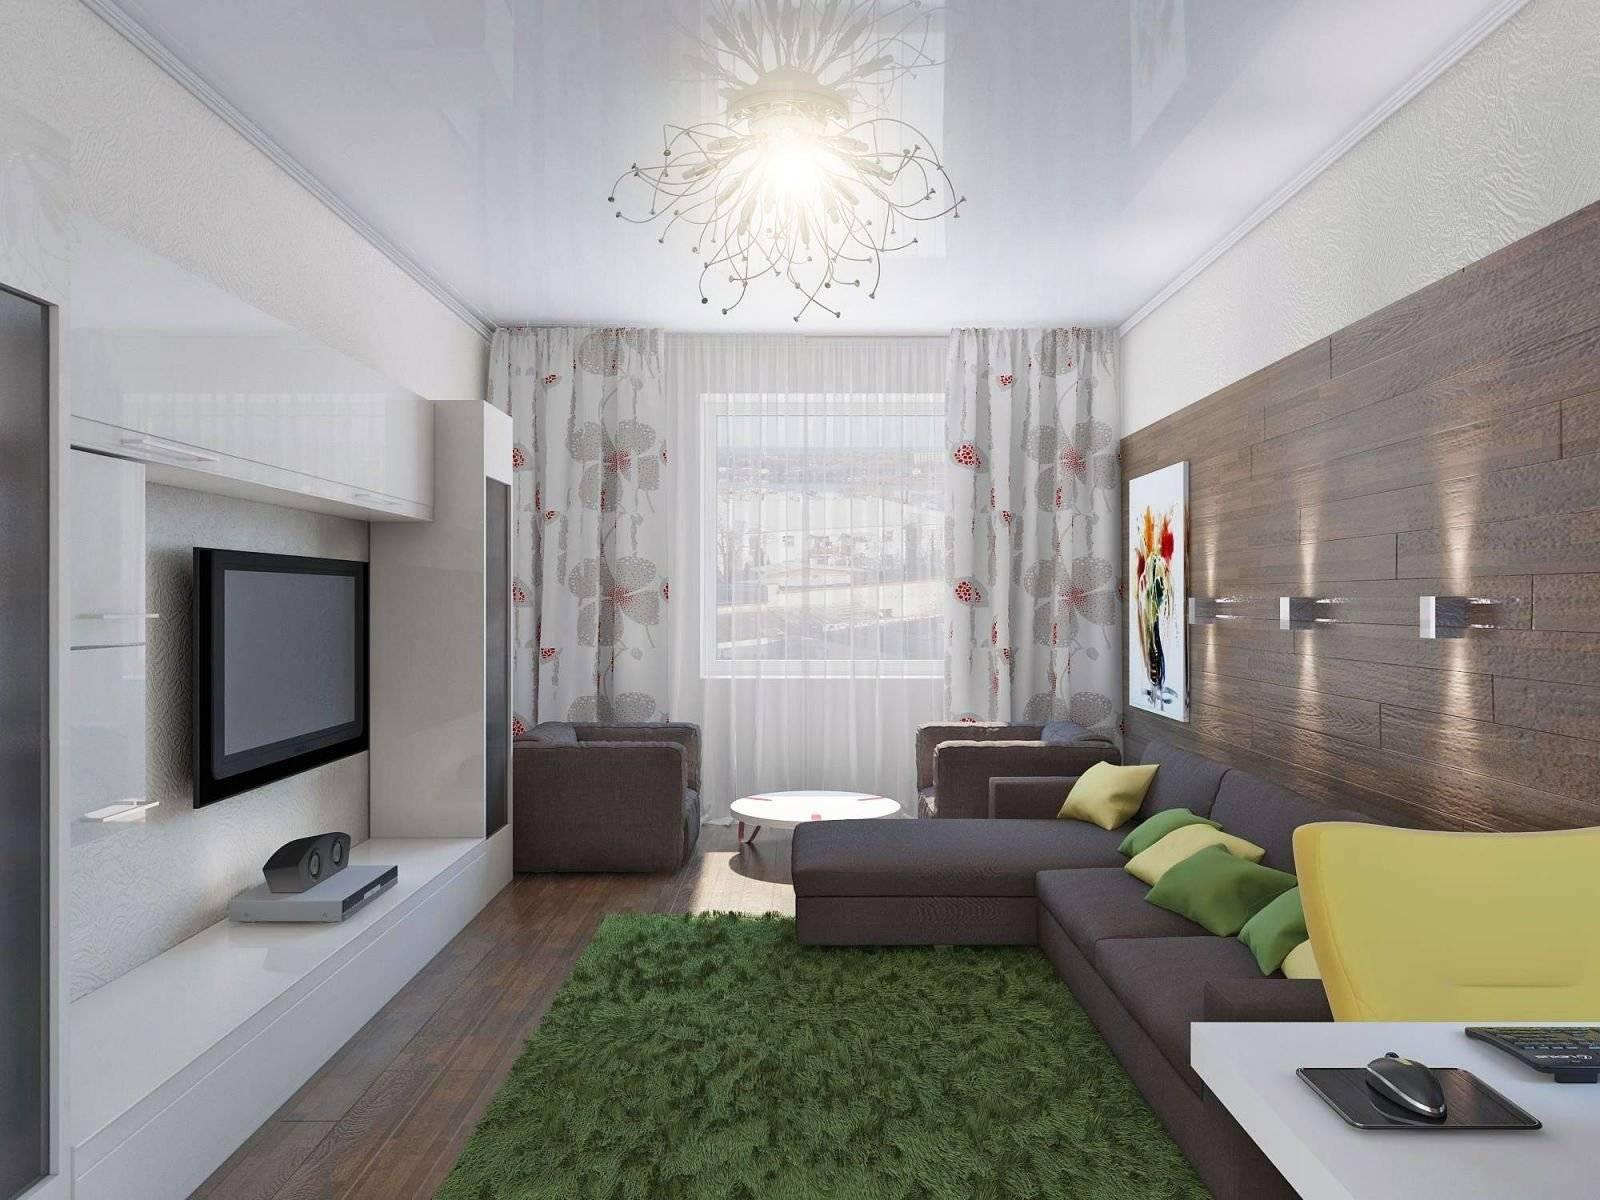 Гостиная в квартире — советы по выбору, обзор лучших идей и решений создания стильных гостиных комнат (105 фото + видео)